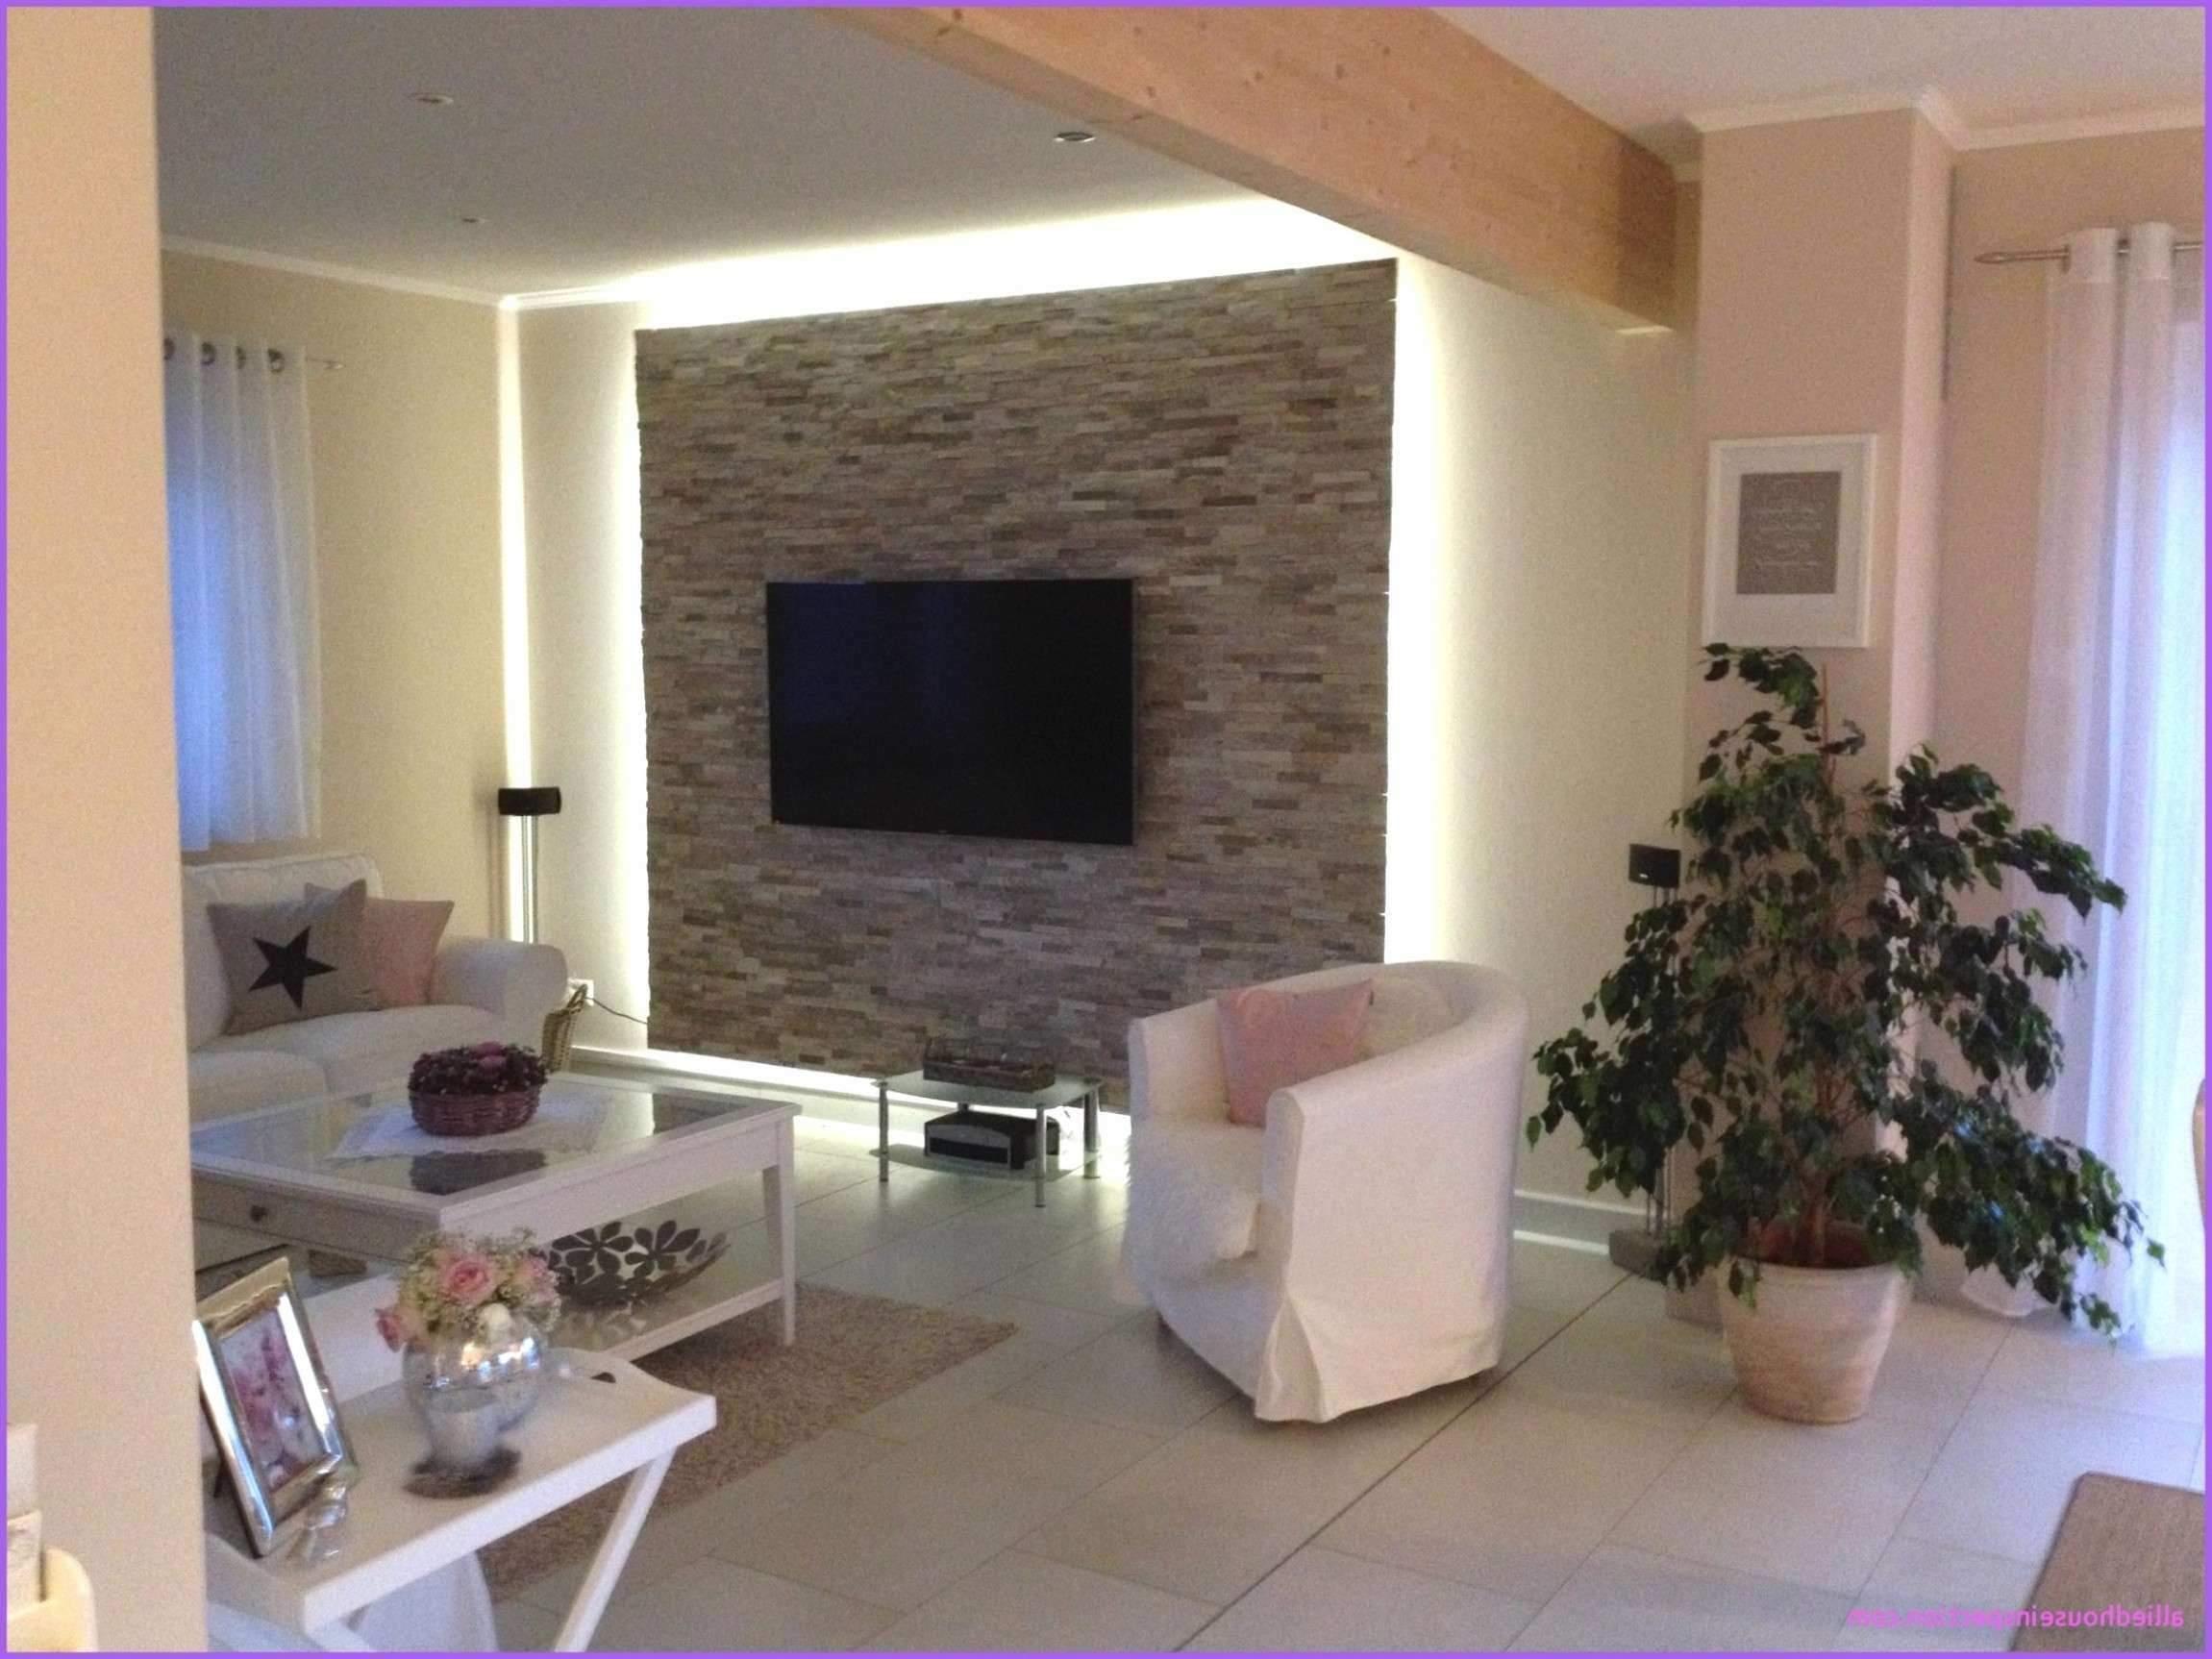 esstisch wohnzimmer reizend 50 einzigartig von kleines wohnzimmer mit esstisch ideen of esstisch wohnzimmer